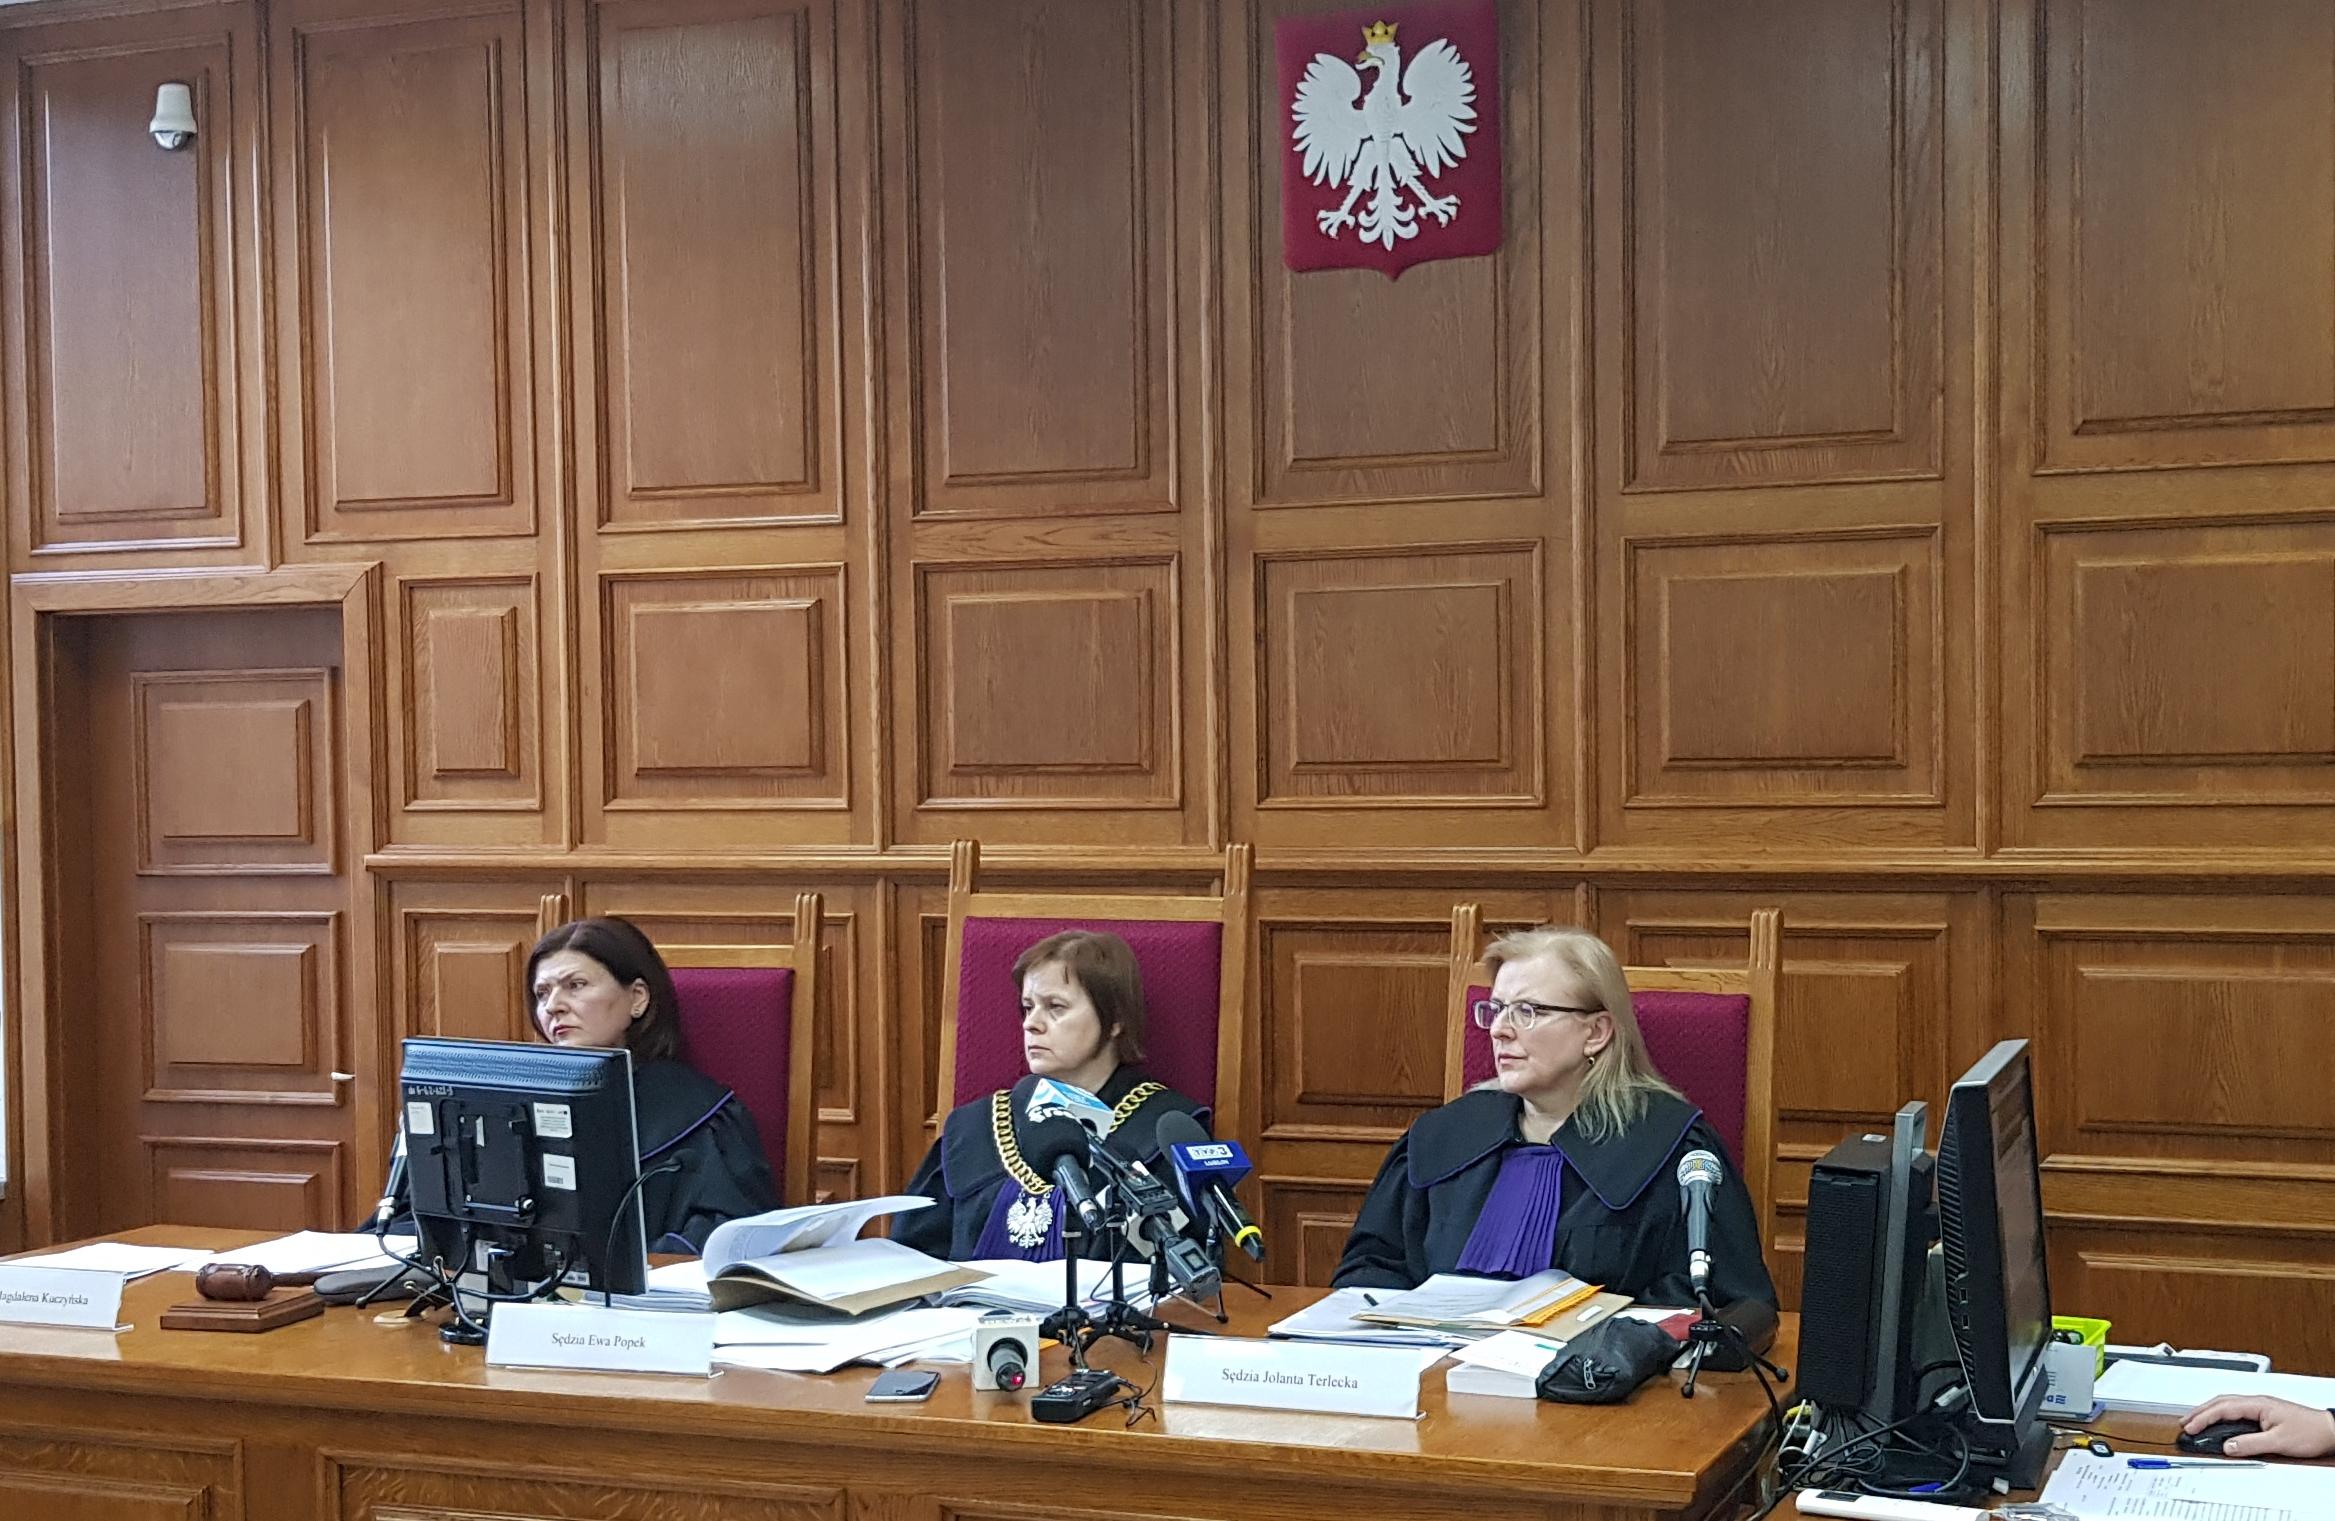 Sąd Apelacyjny rozpoznał odwołania od orzeczenia Sądu Okręgowego w Lublinie o podtrzymaniu decyzji prezydenta Krzysztofa Żuka